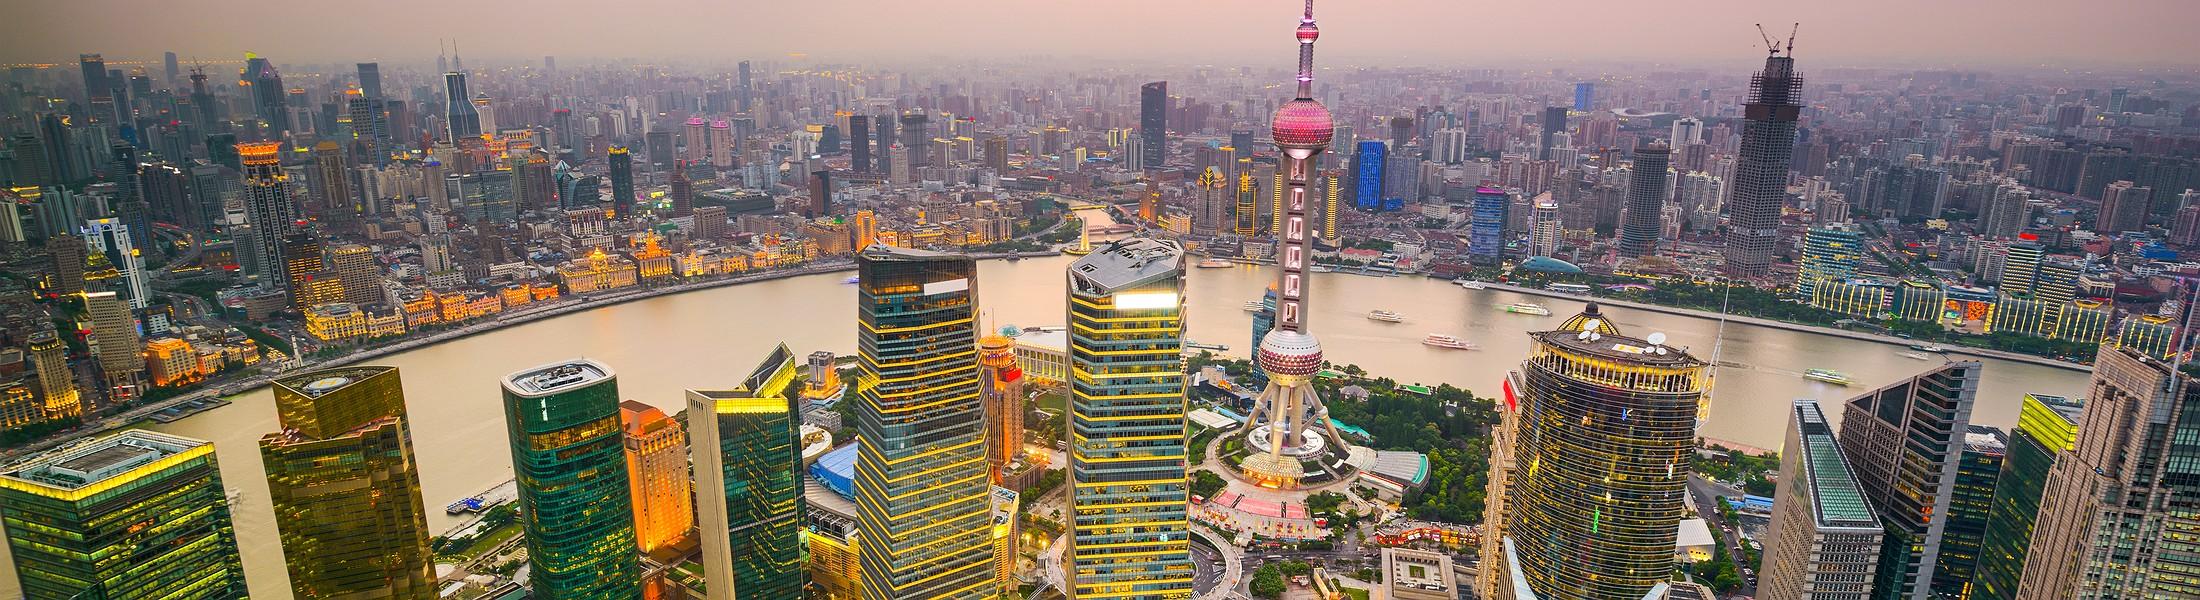 Китай — единственный развивающийся рынок, который имеет значение